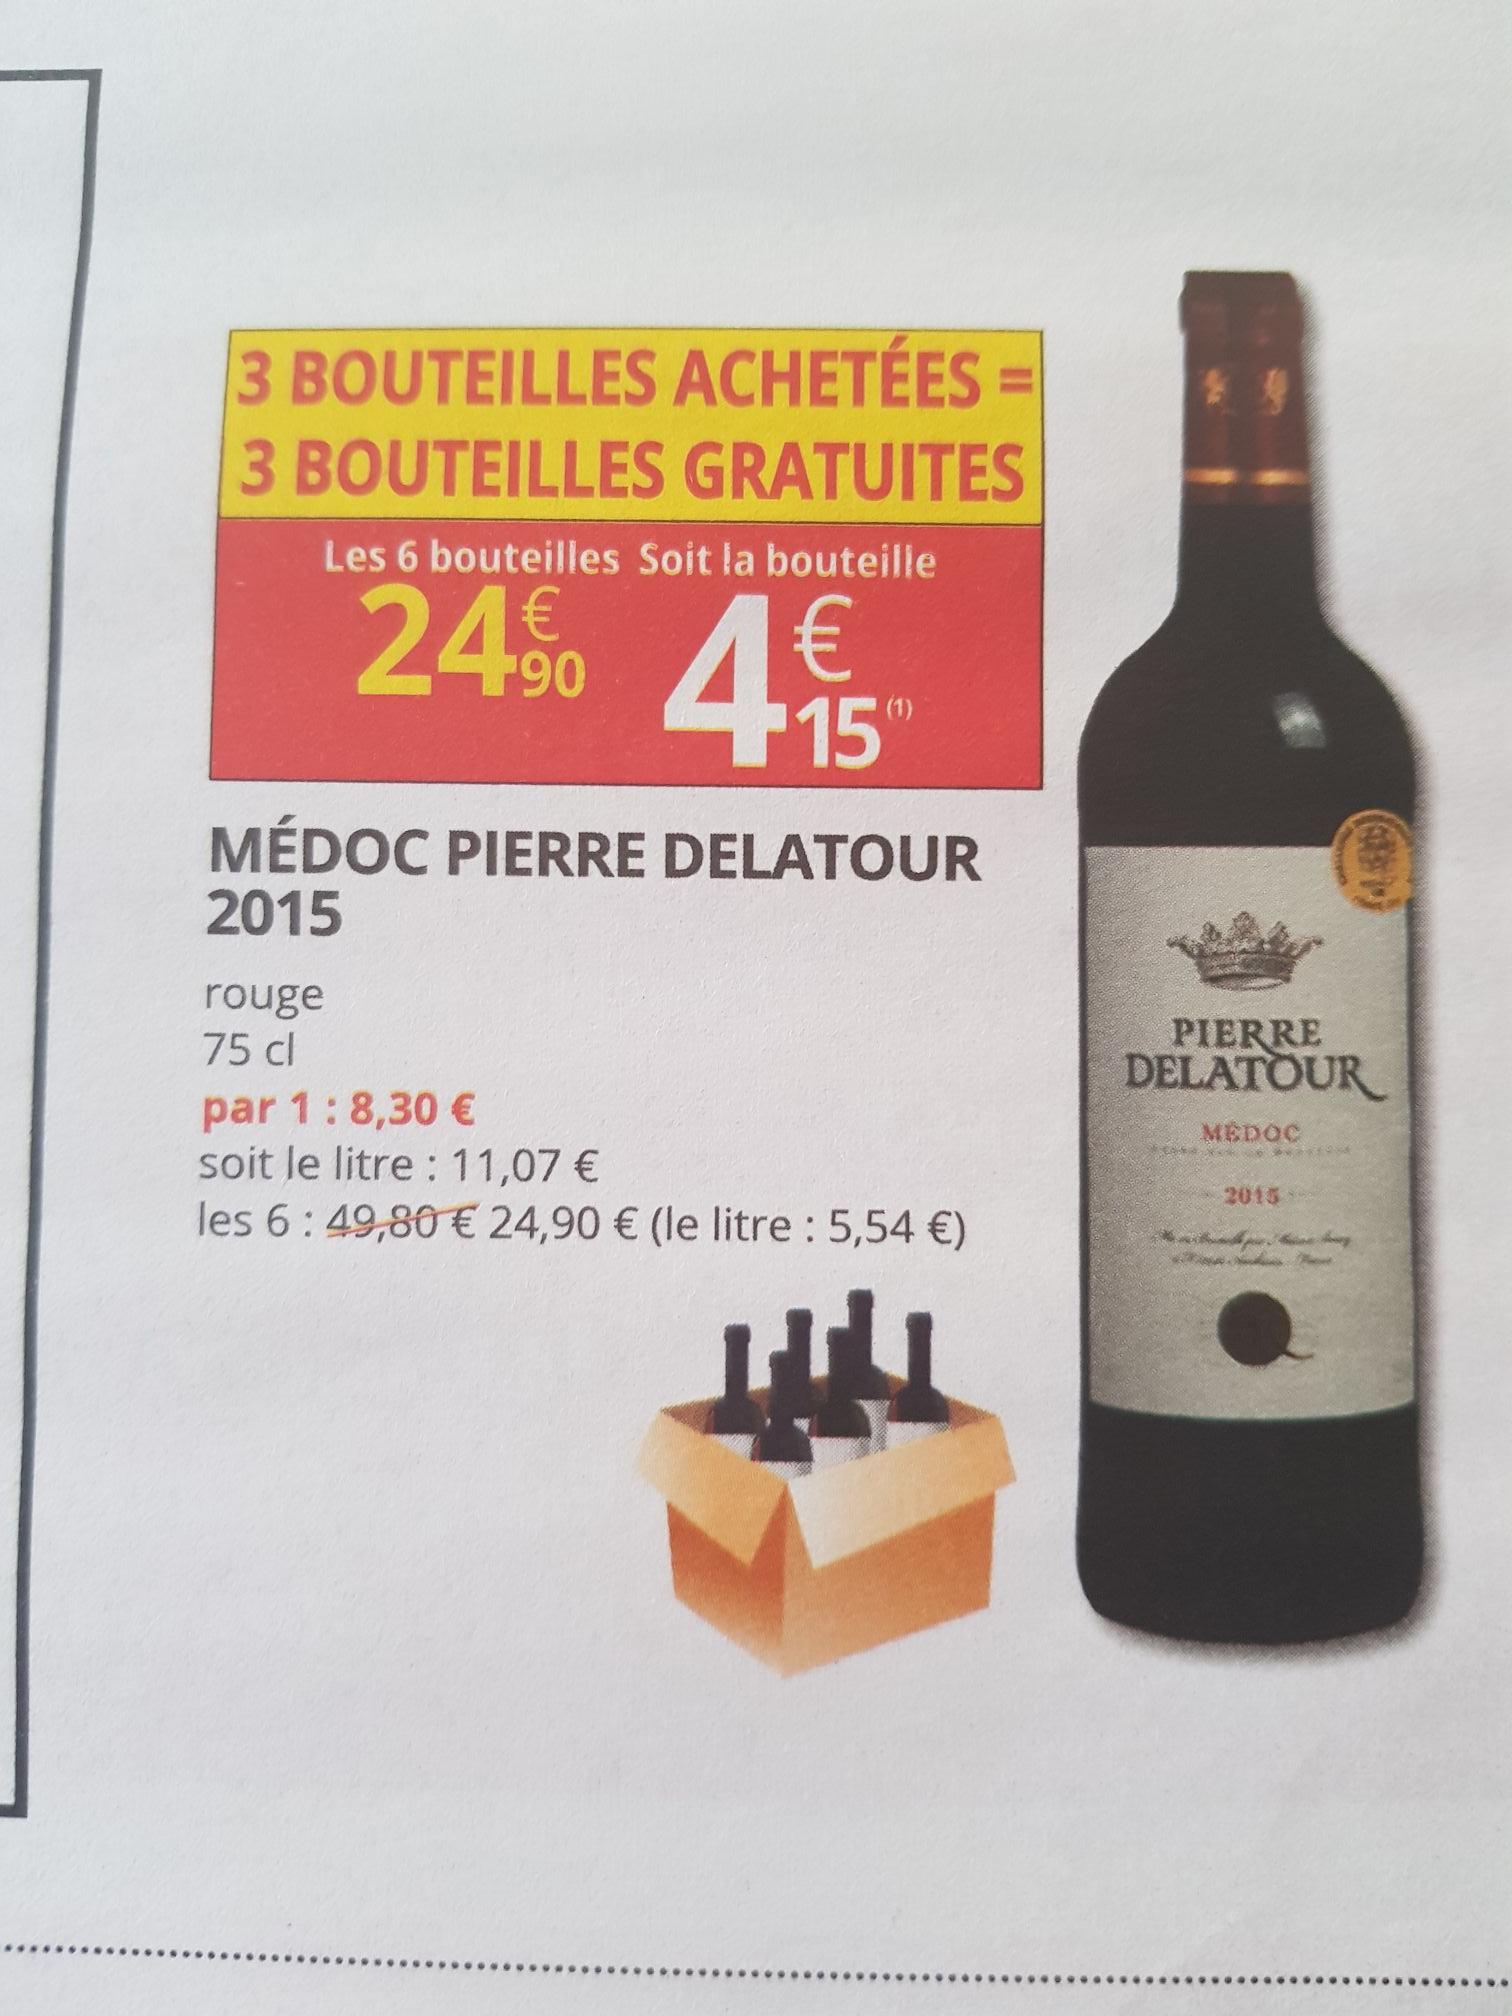 Lot de 6 bouteilles de vin Médoc Pierre delatour 2015